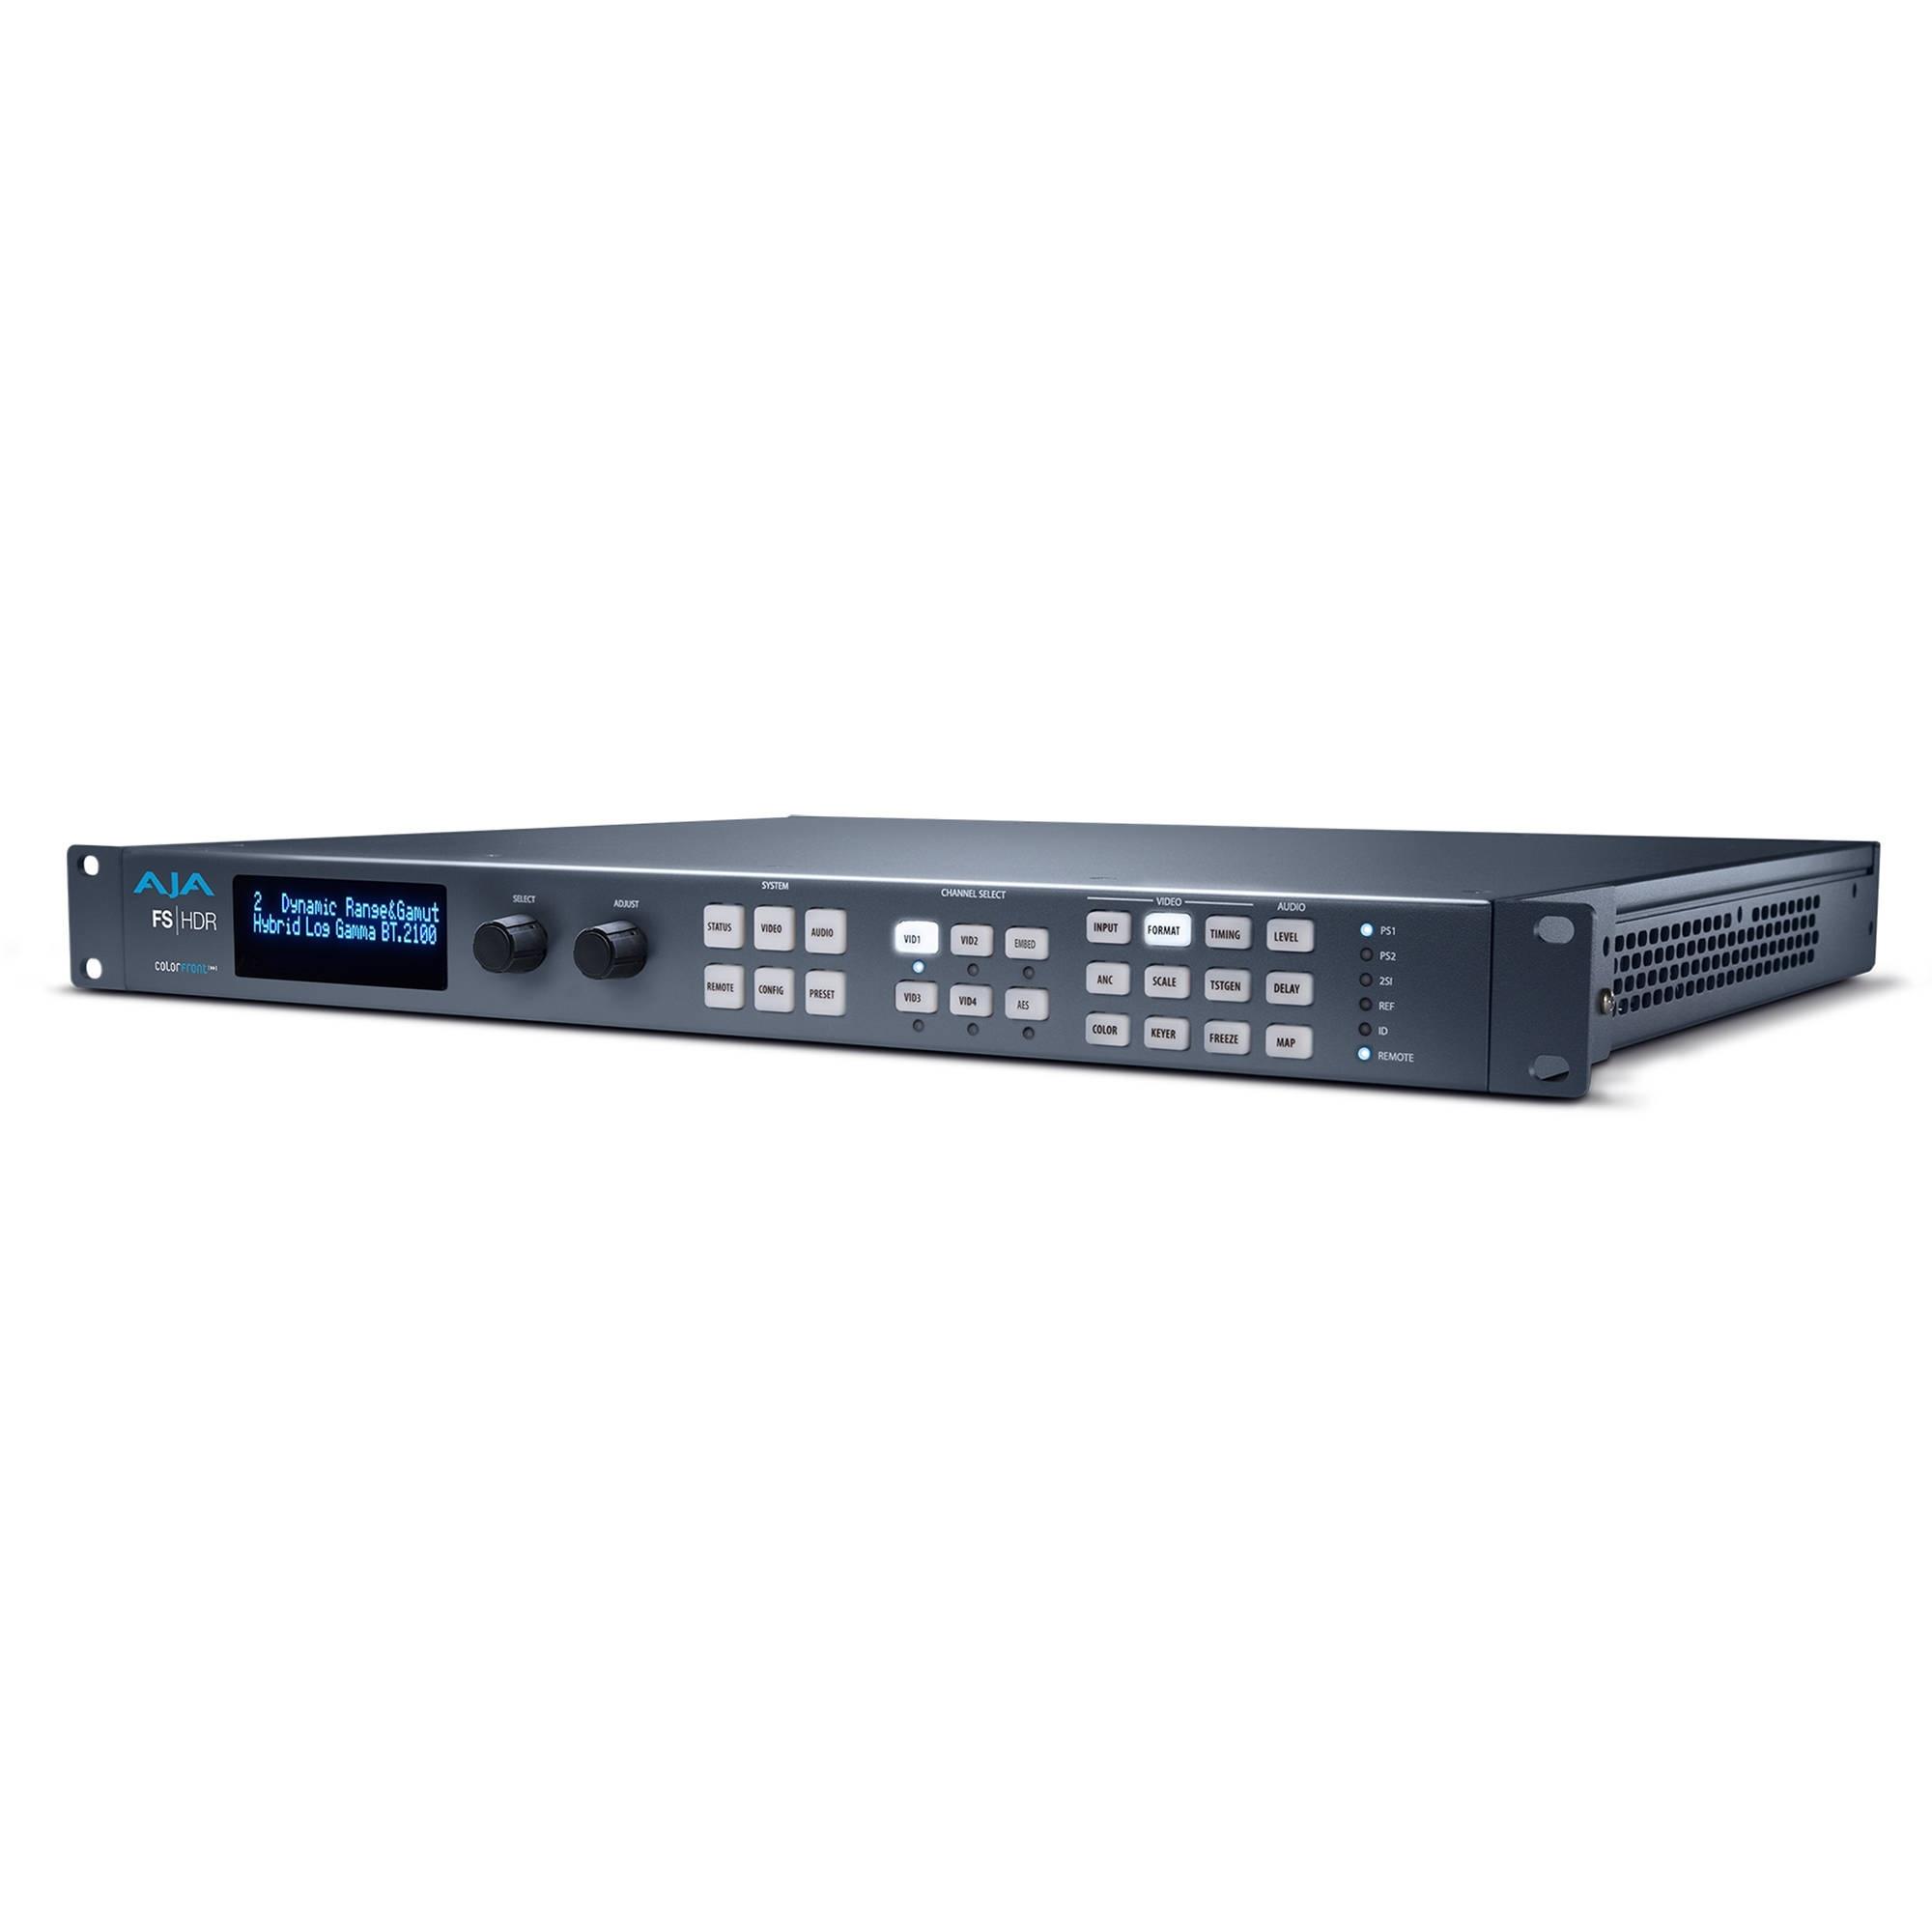 AJA FS-HDR HDR/WCG Converter / Frame Synchroniser